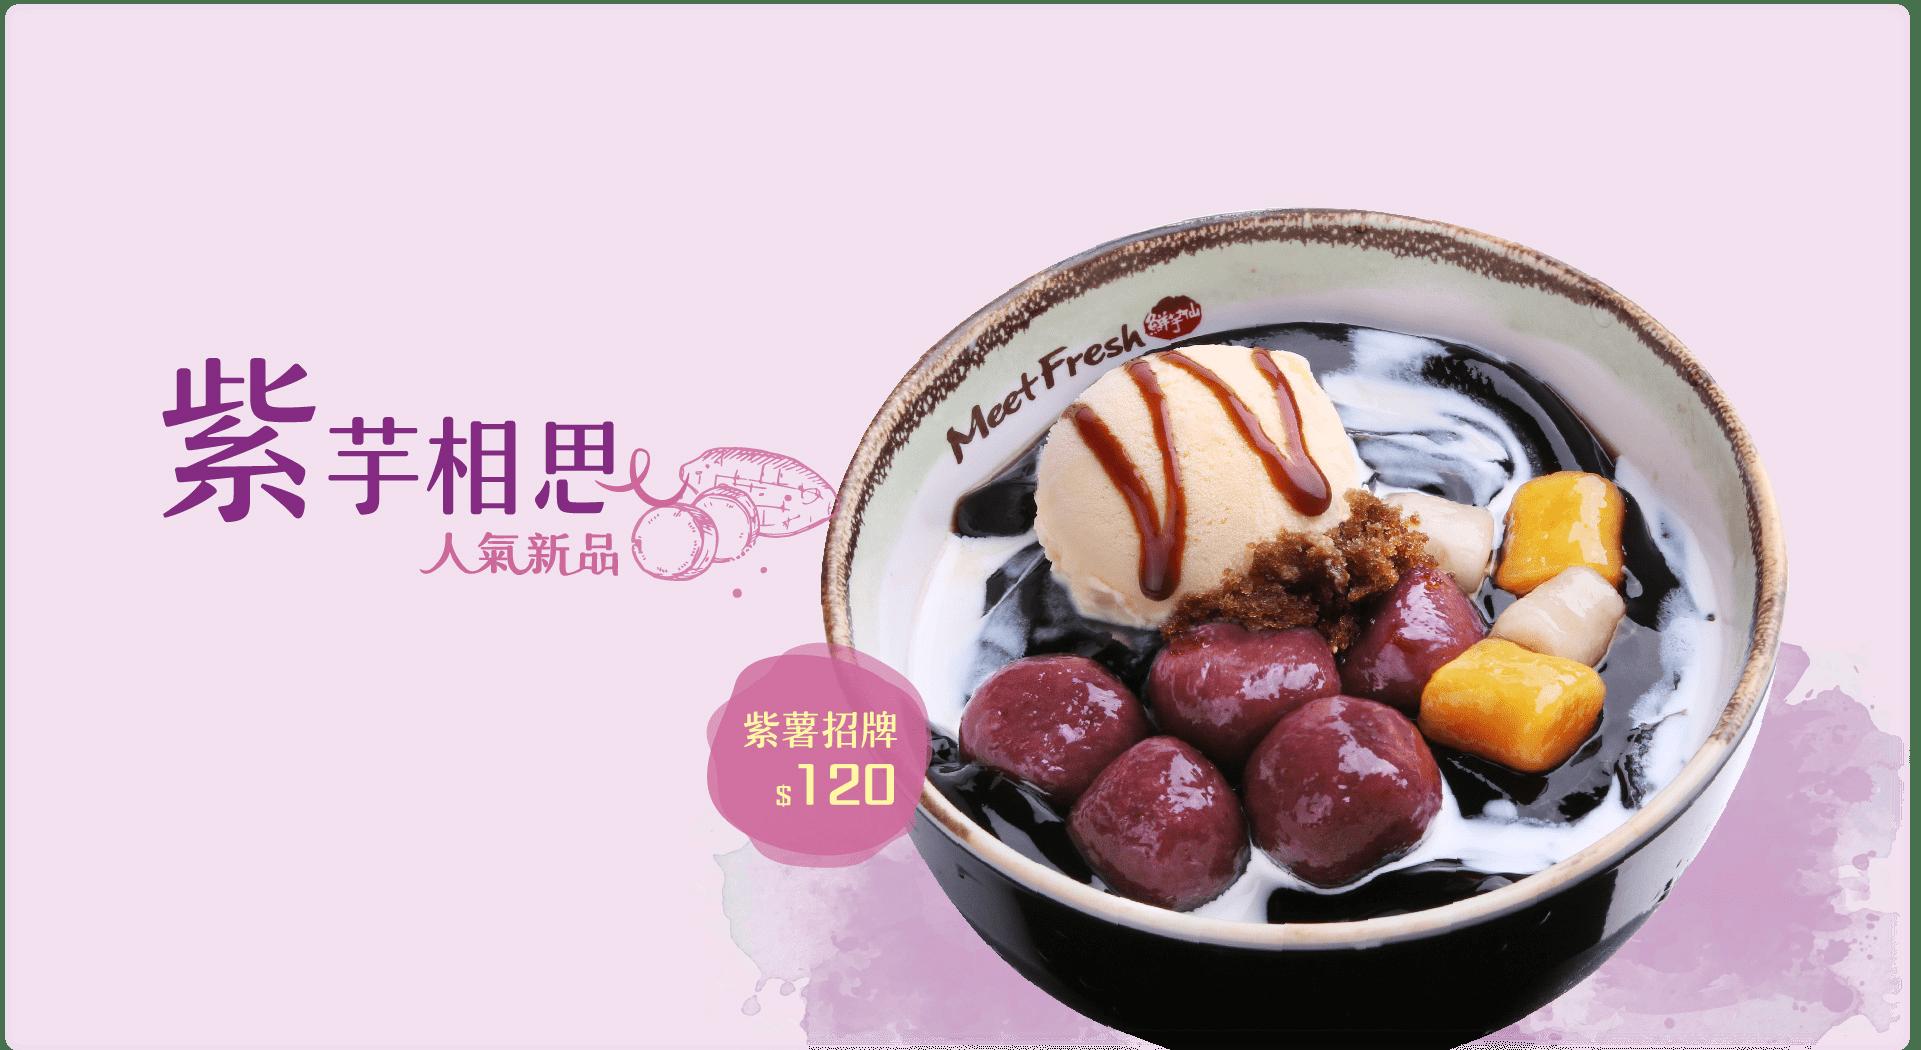 紫薯招牌新品上市